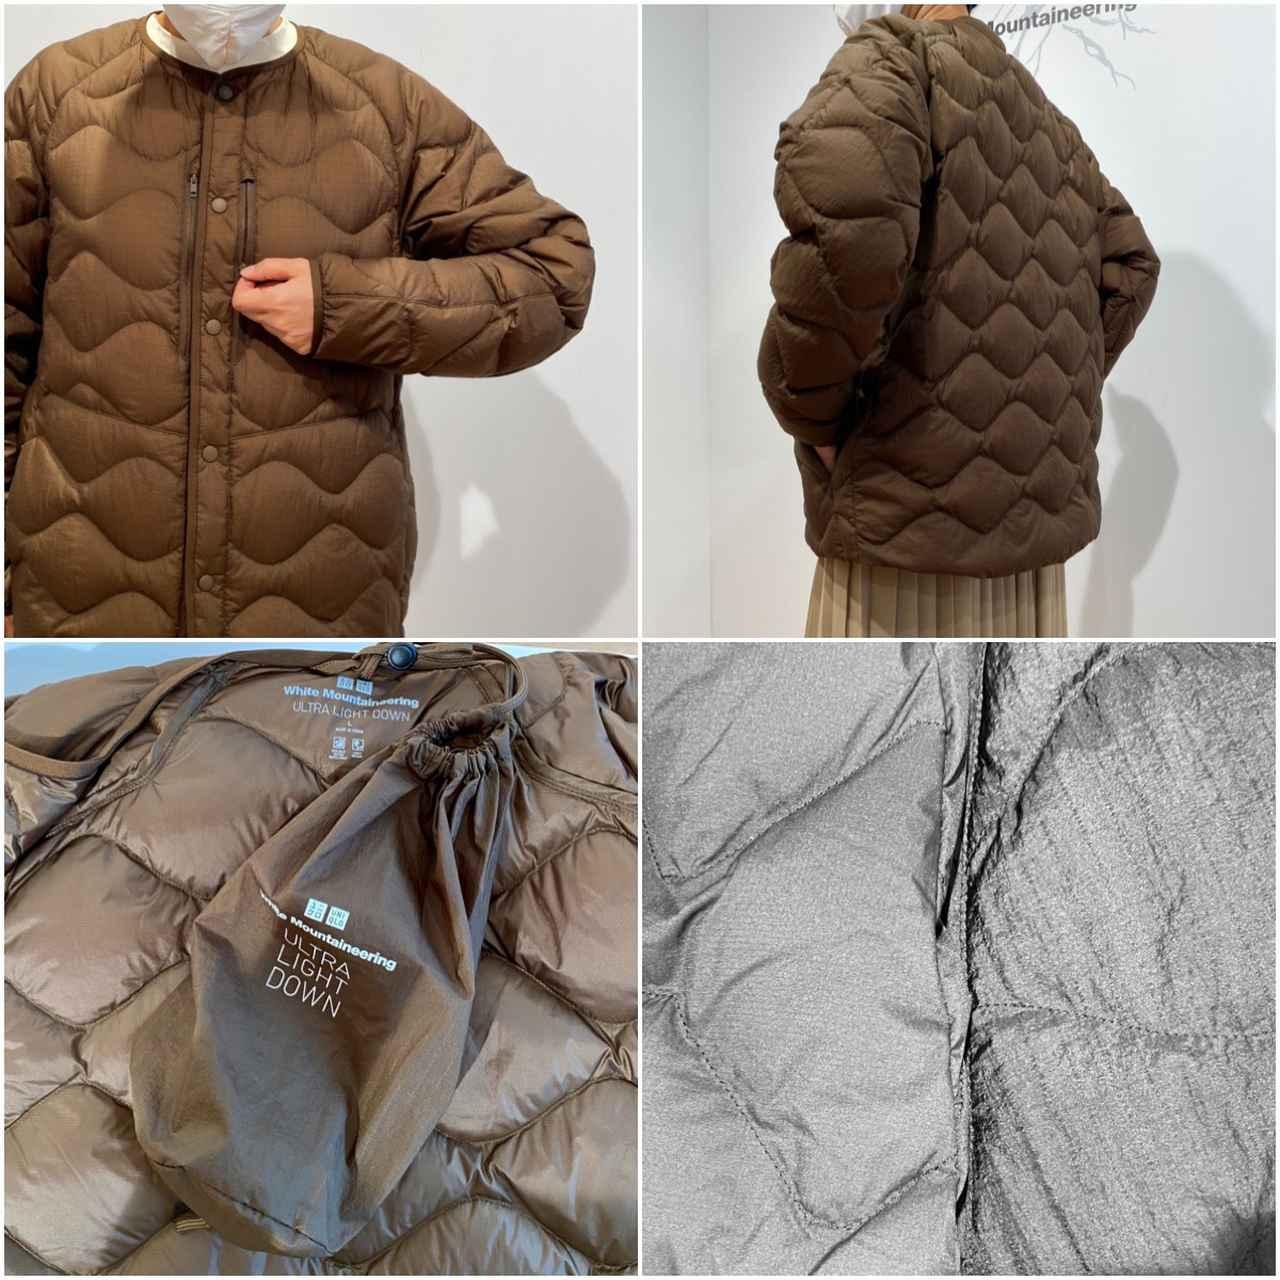 画像2: ウルトラライトダウンオーバーサイズジャケット¥7,990/ユニクロ(ユニクロ アンド ホワイトマウンテニアリング) 出典:fashion trend news